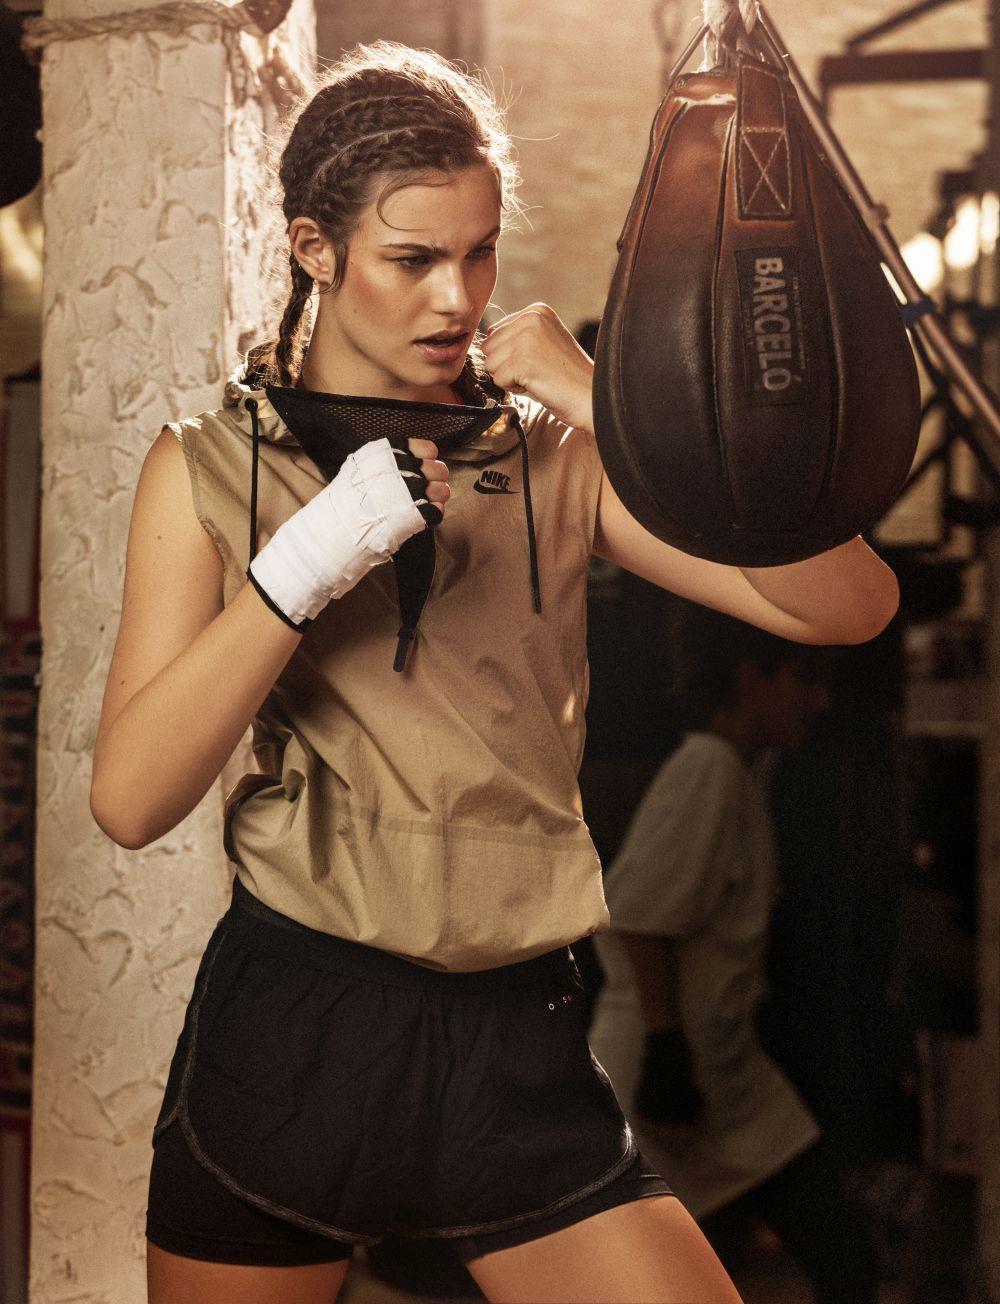 El box adelgazar a las mujeres